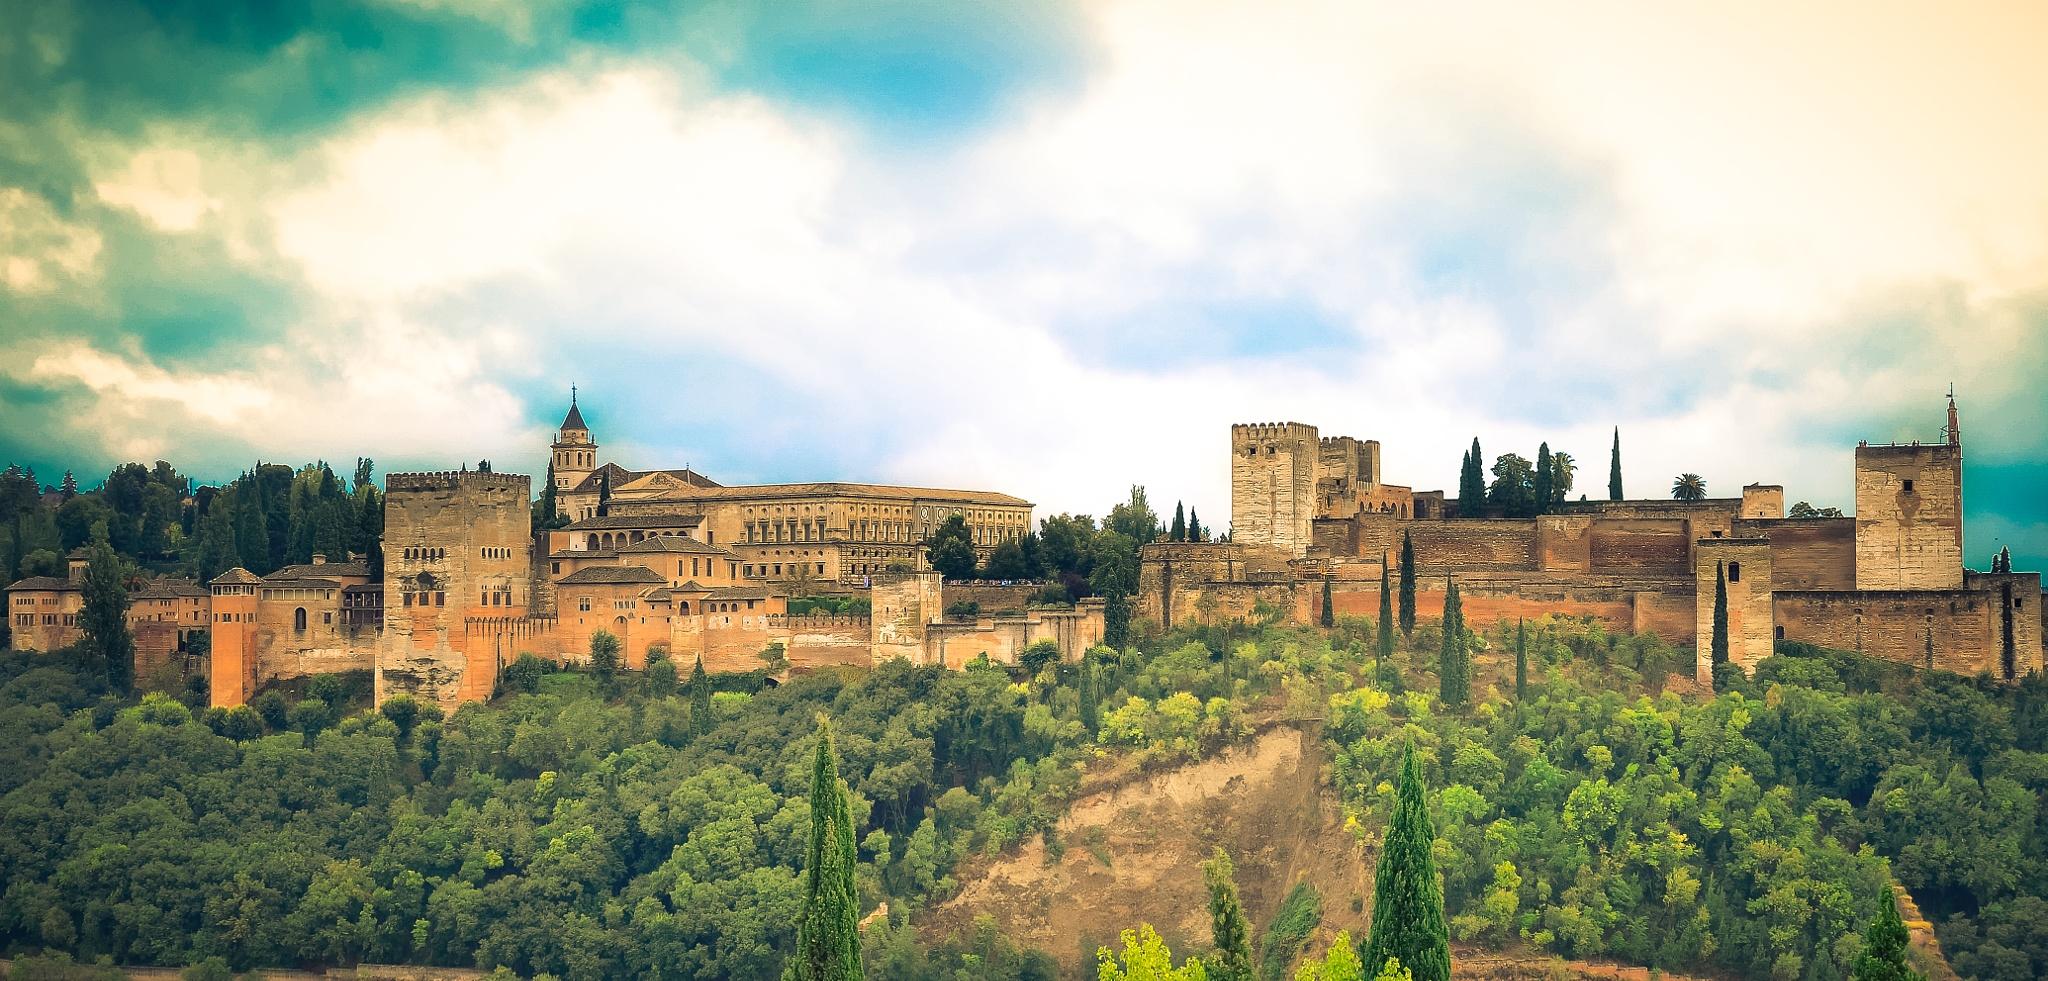 La Alhambra by toenee65